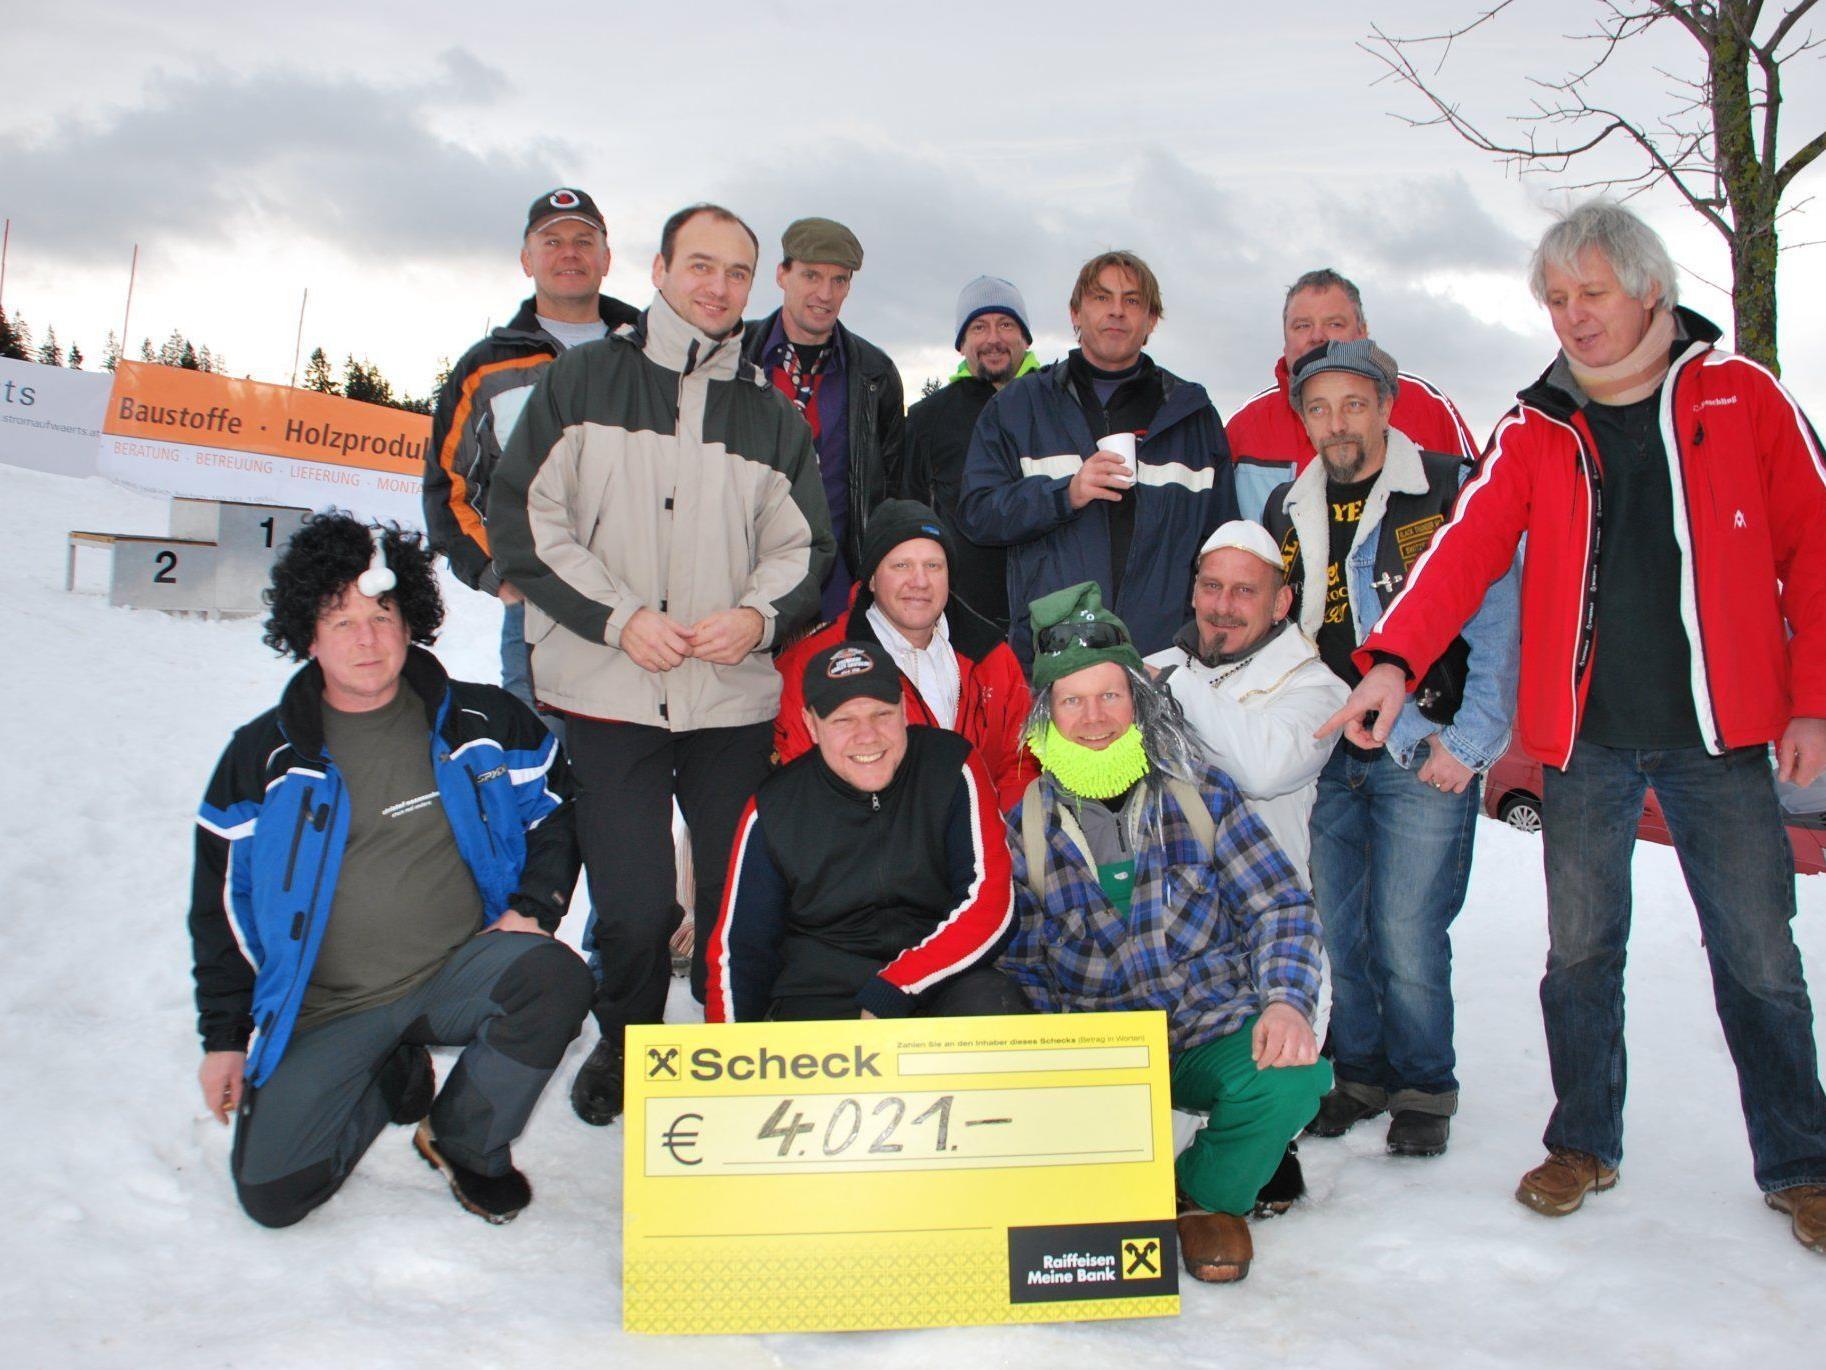 4021 Euro für einen guten Zweck brachte die Charity Veranstaltung